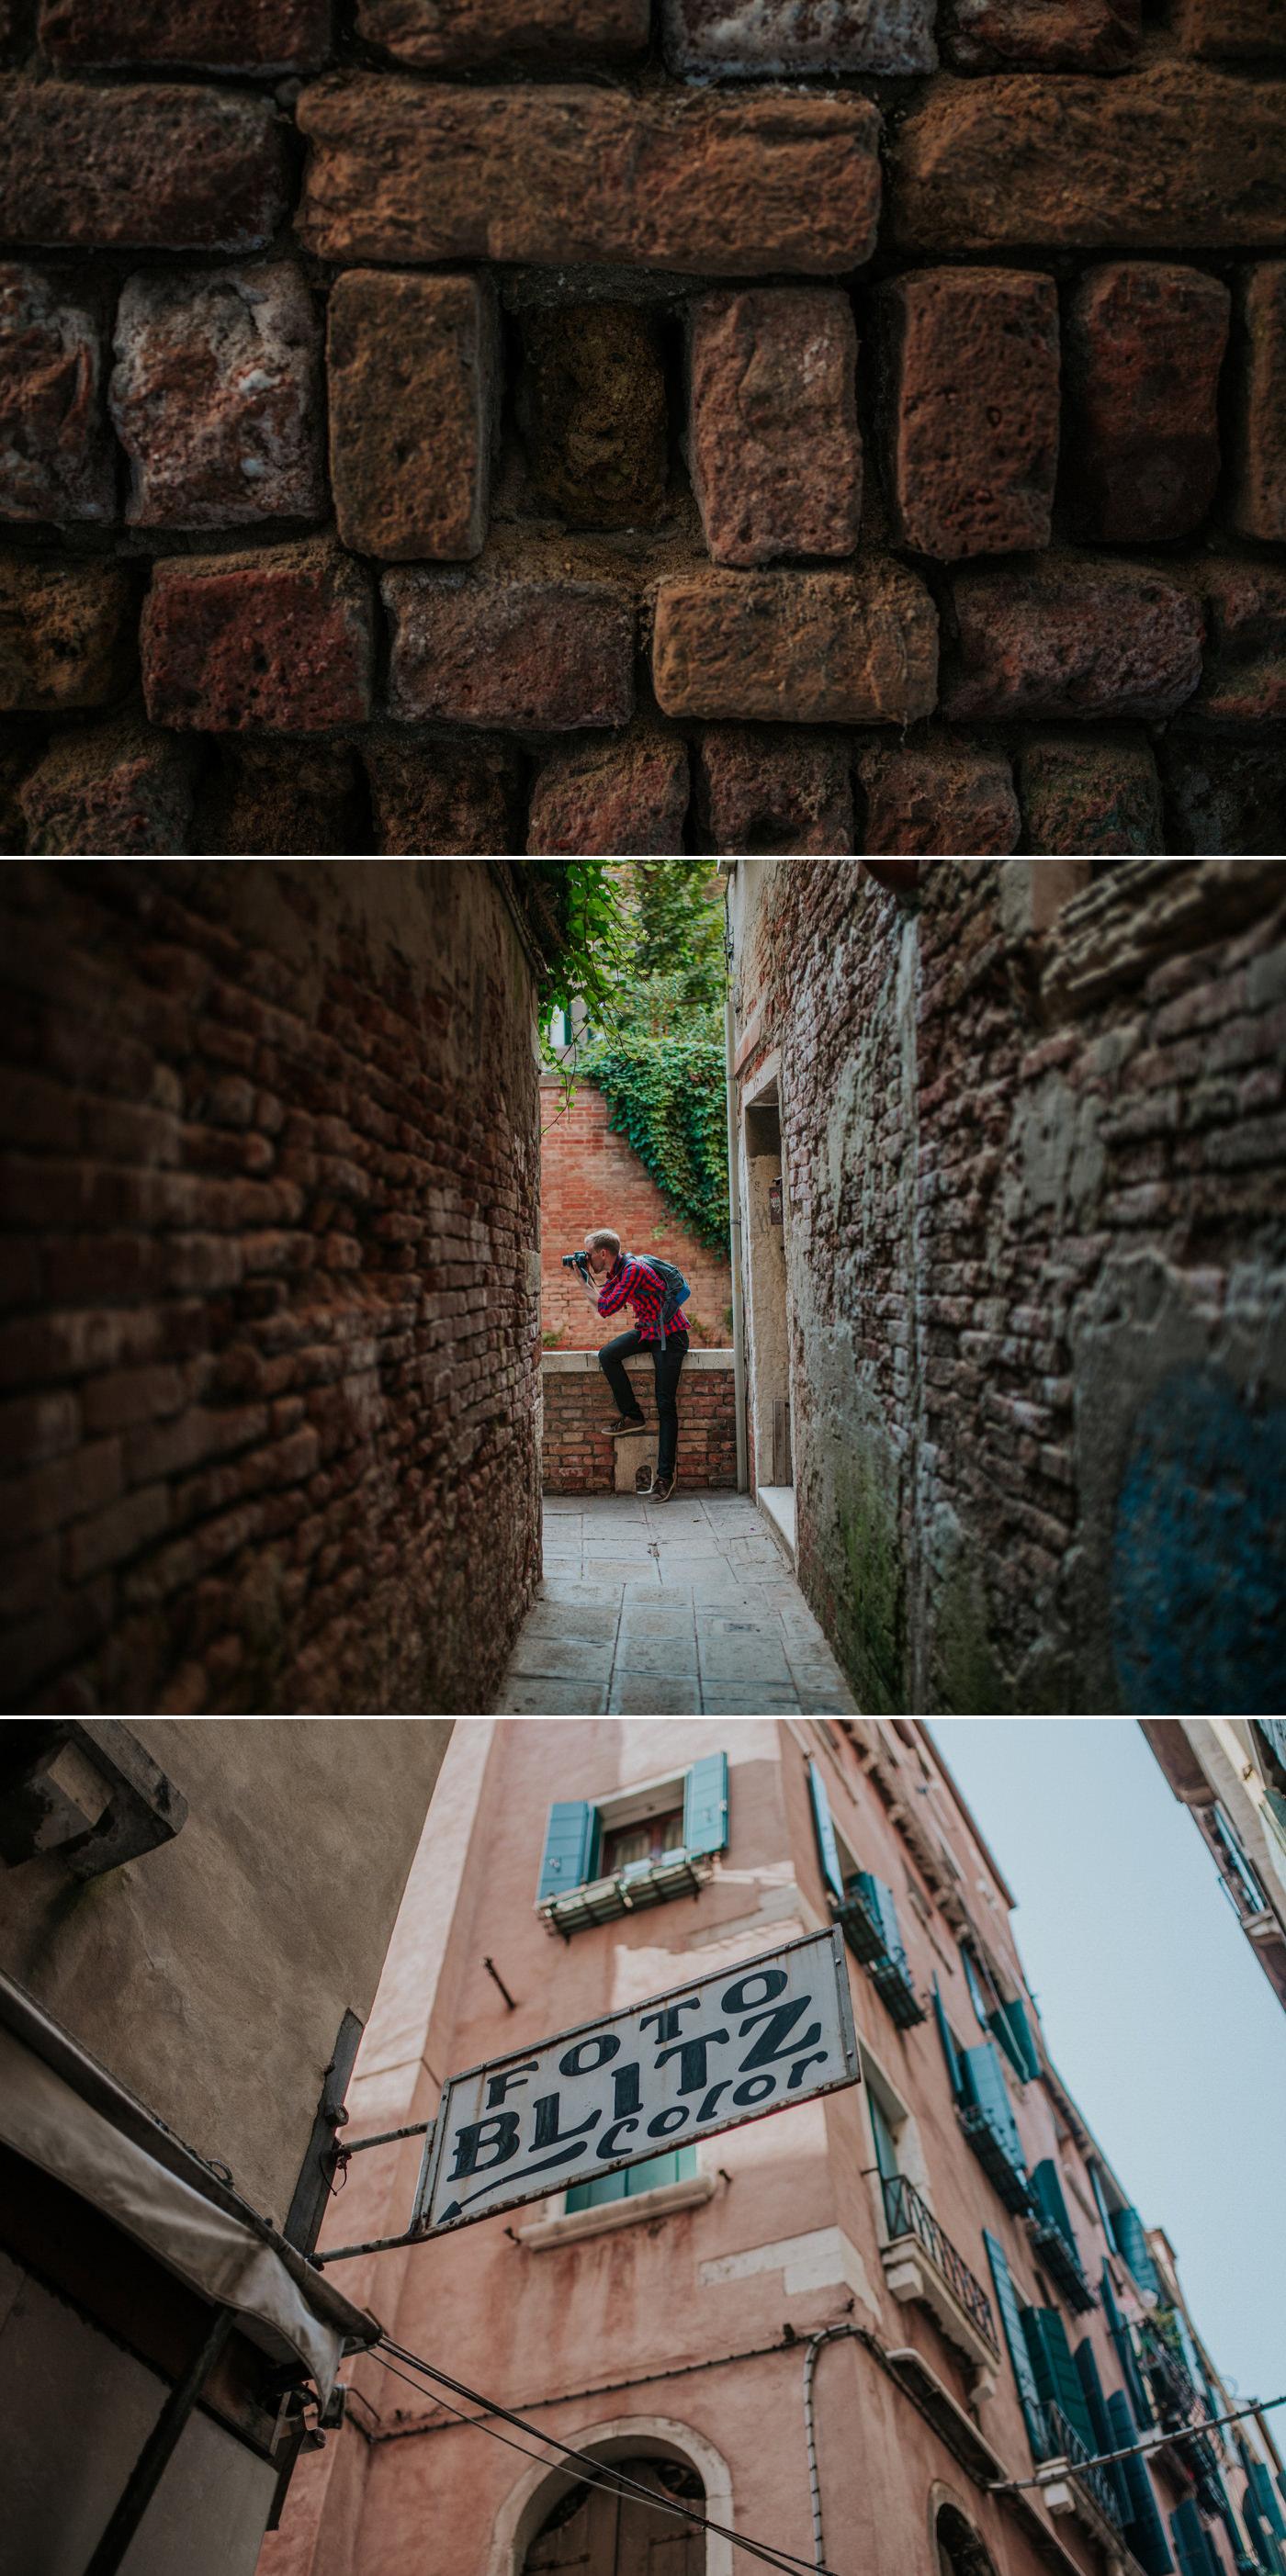 Venice_by_Piotr_Glodzik12